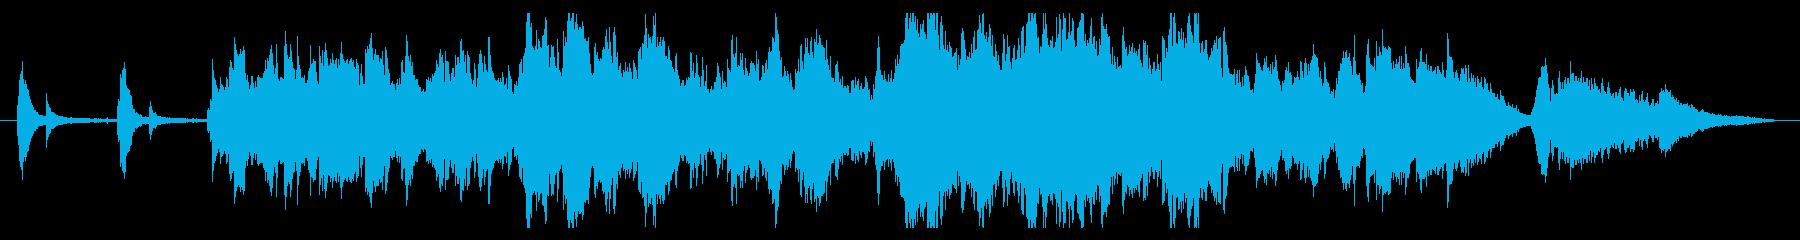 穏やかで優しくて感動的なチェロ曲の再生済みの波形